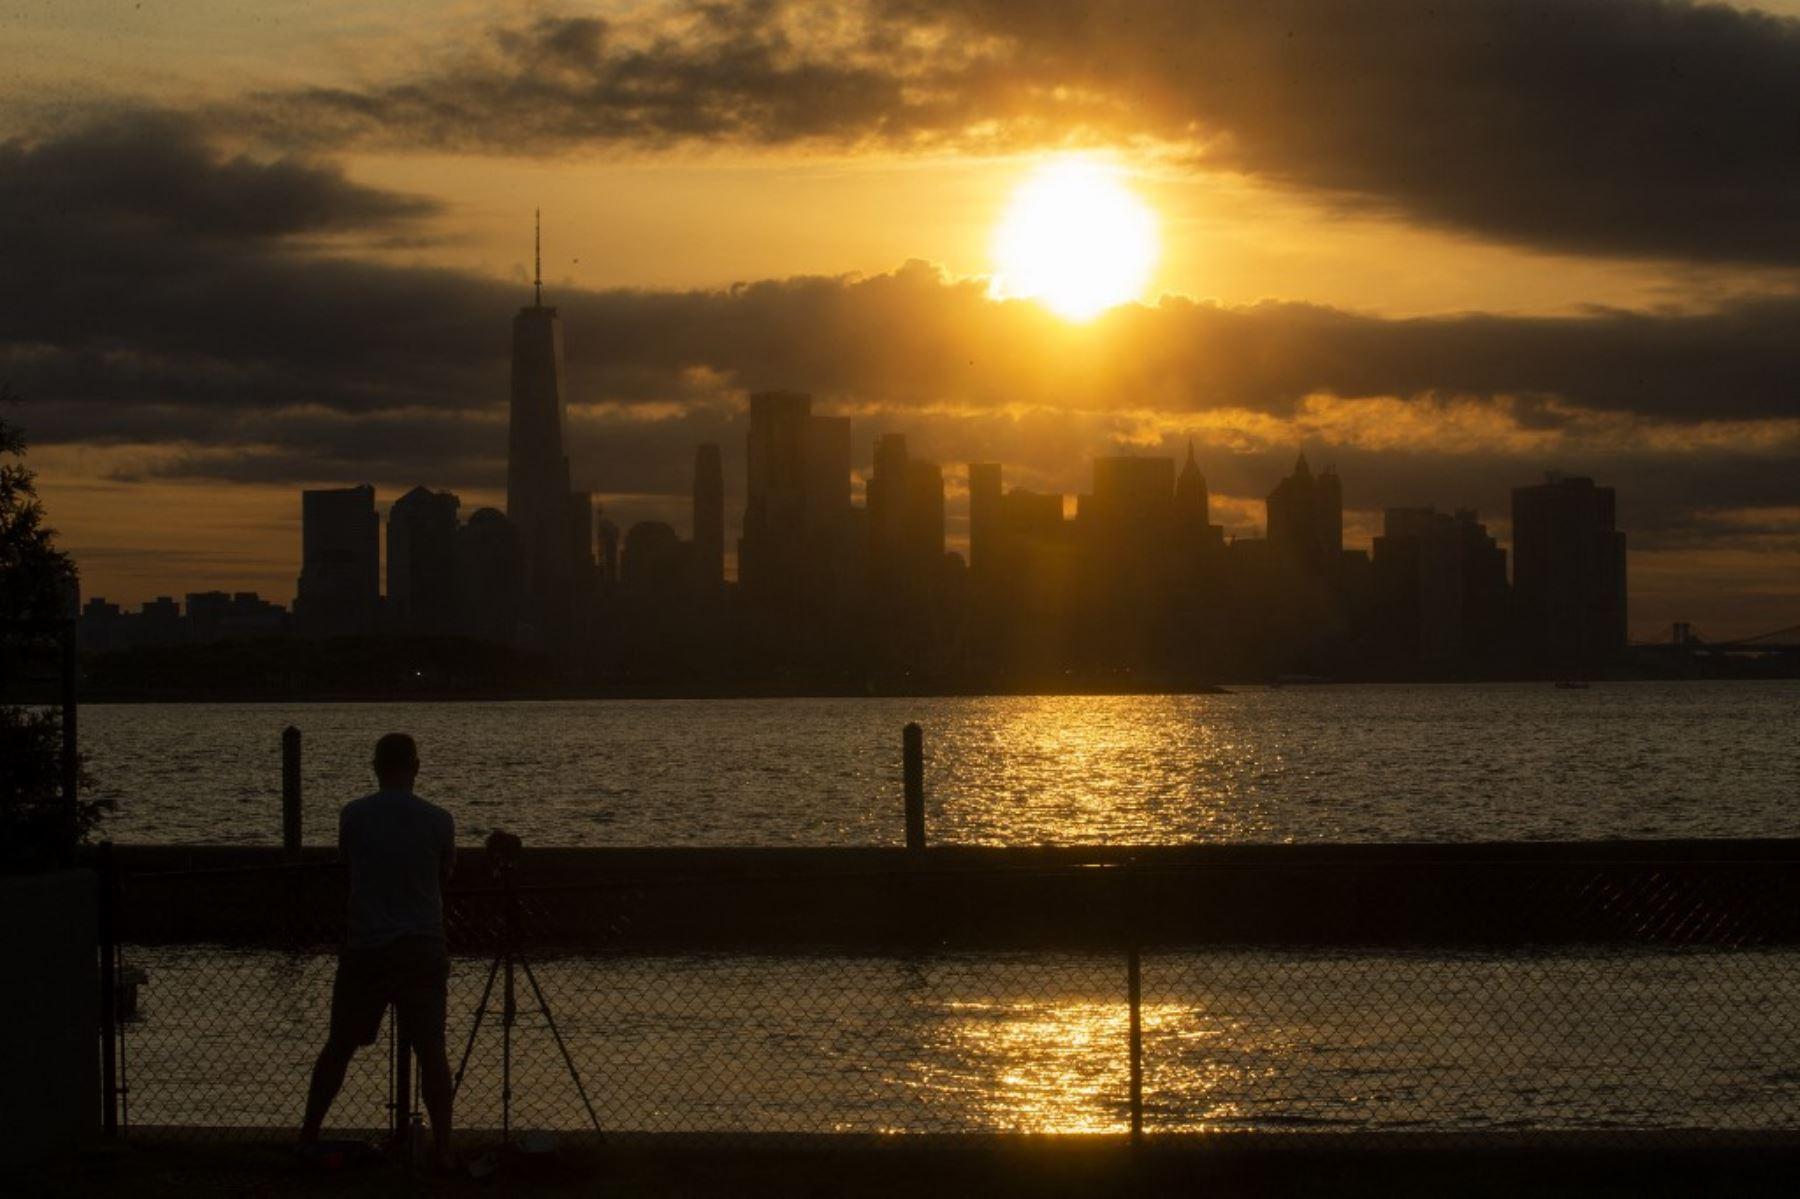 El horizonte de Nueva York se ve cuando la Luna cubre parcialmente el sol durante un eclipse solar parcial el 10 de junio de 2021 visto desde Jersey City, Nueva Jersey. Foto: AFP